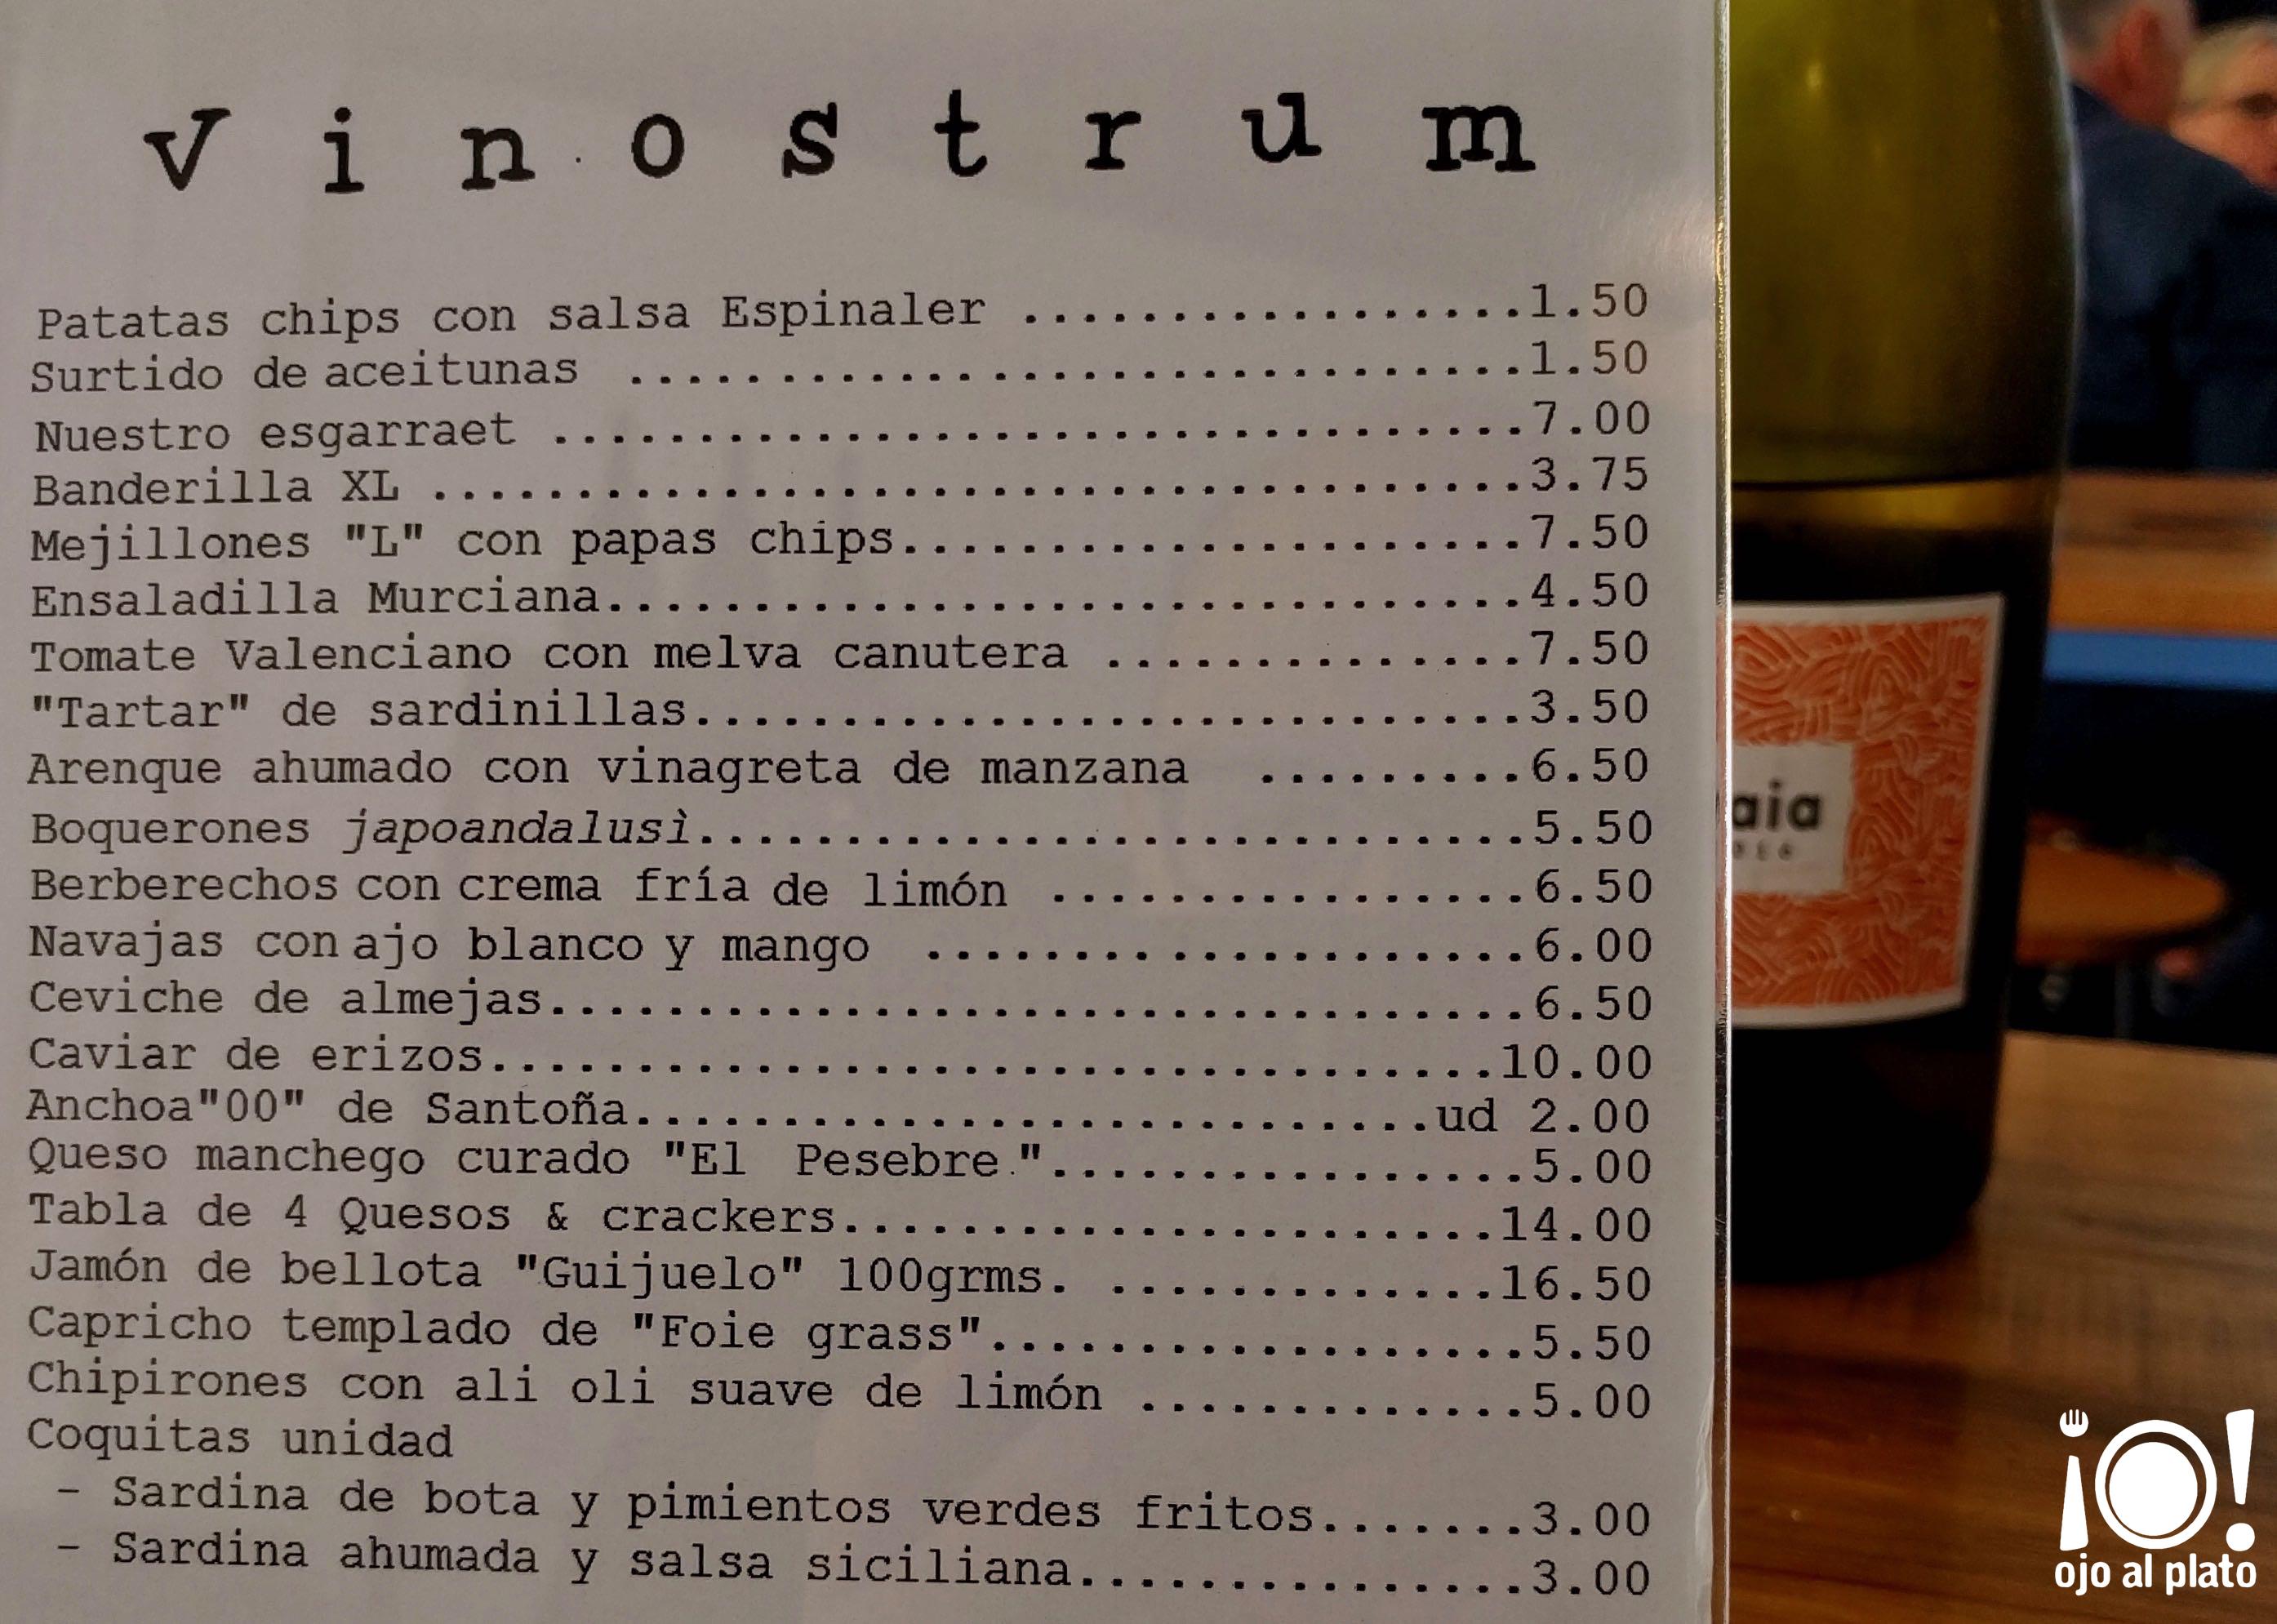 carta vinostrum